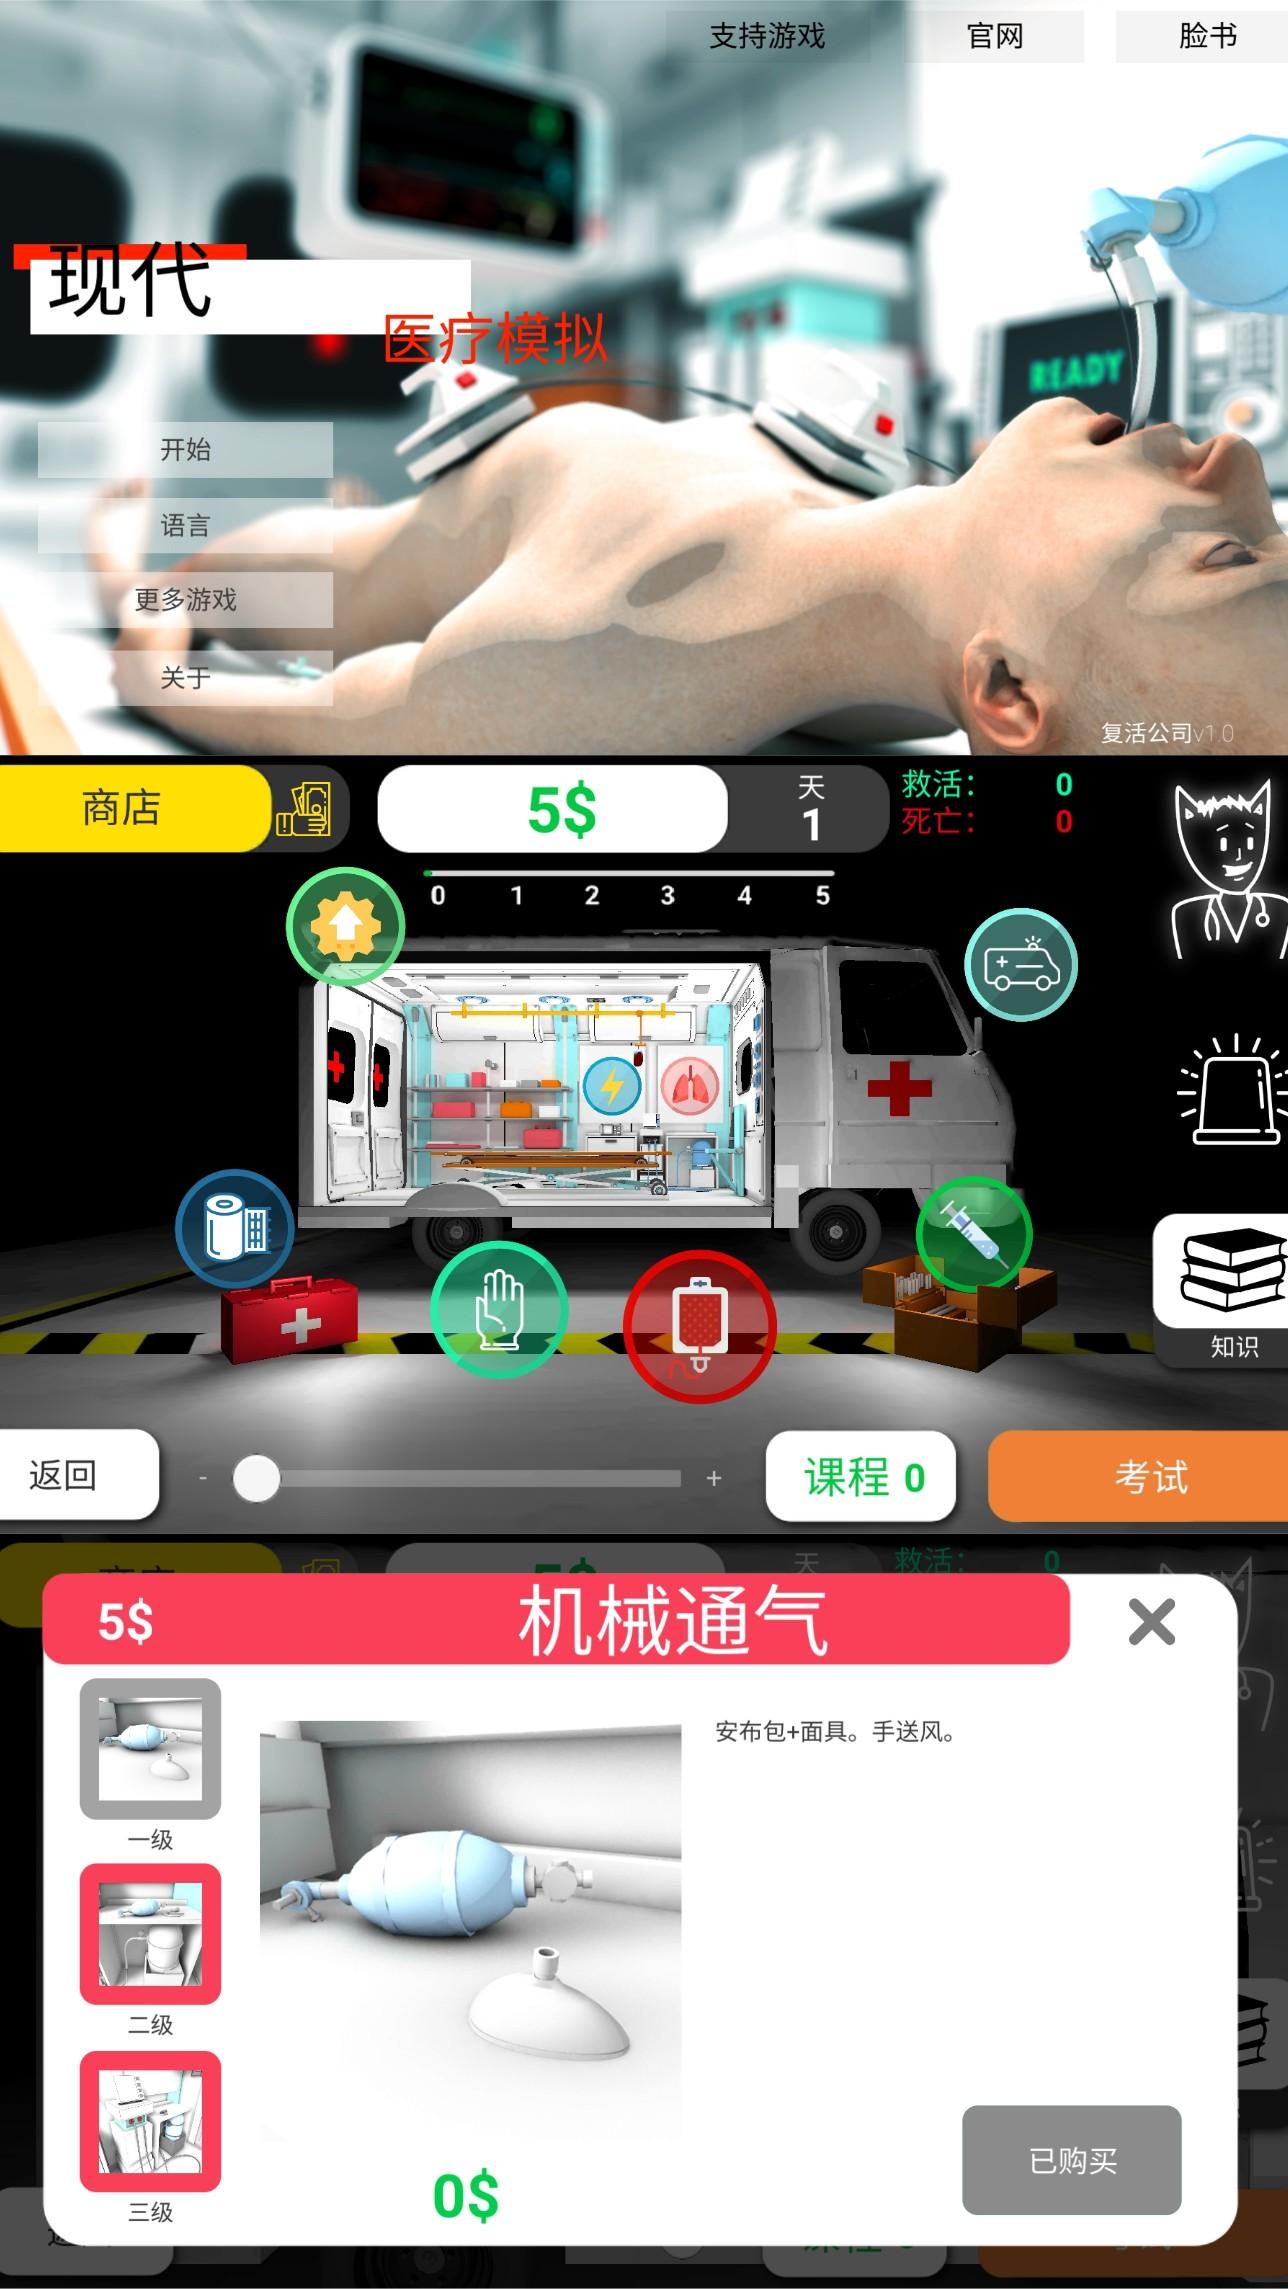 现代医疗模拟器安卓版手游